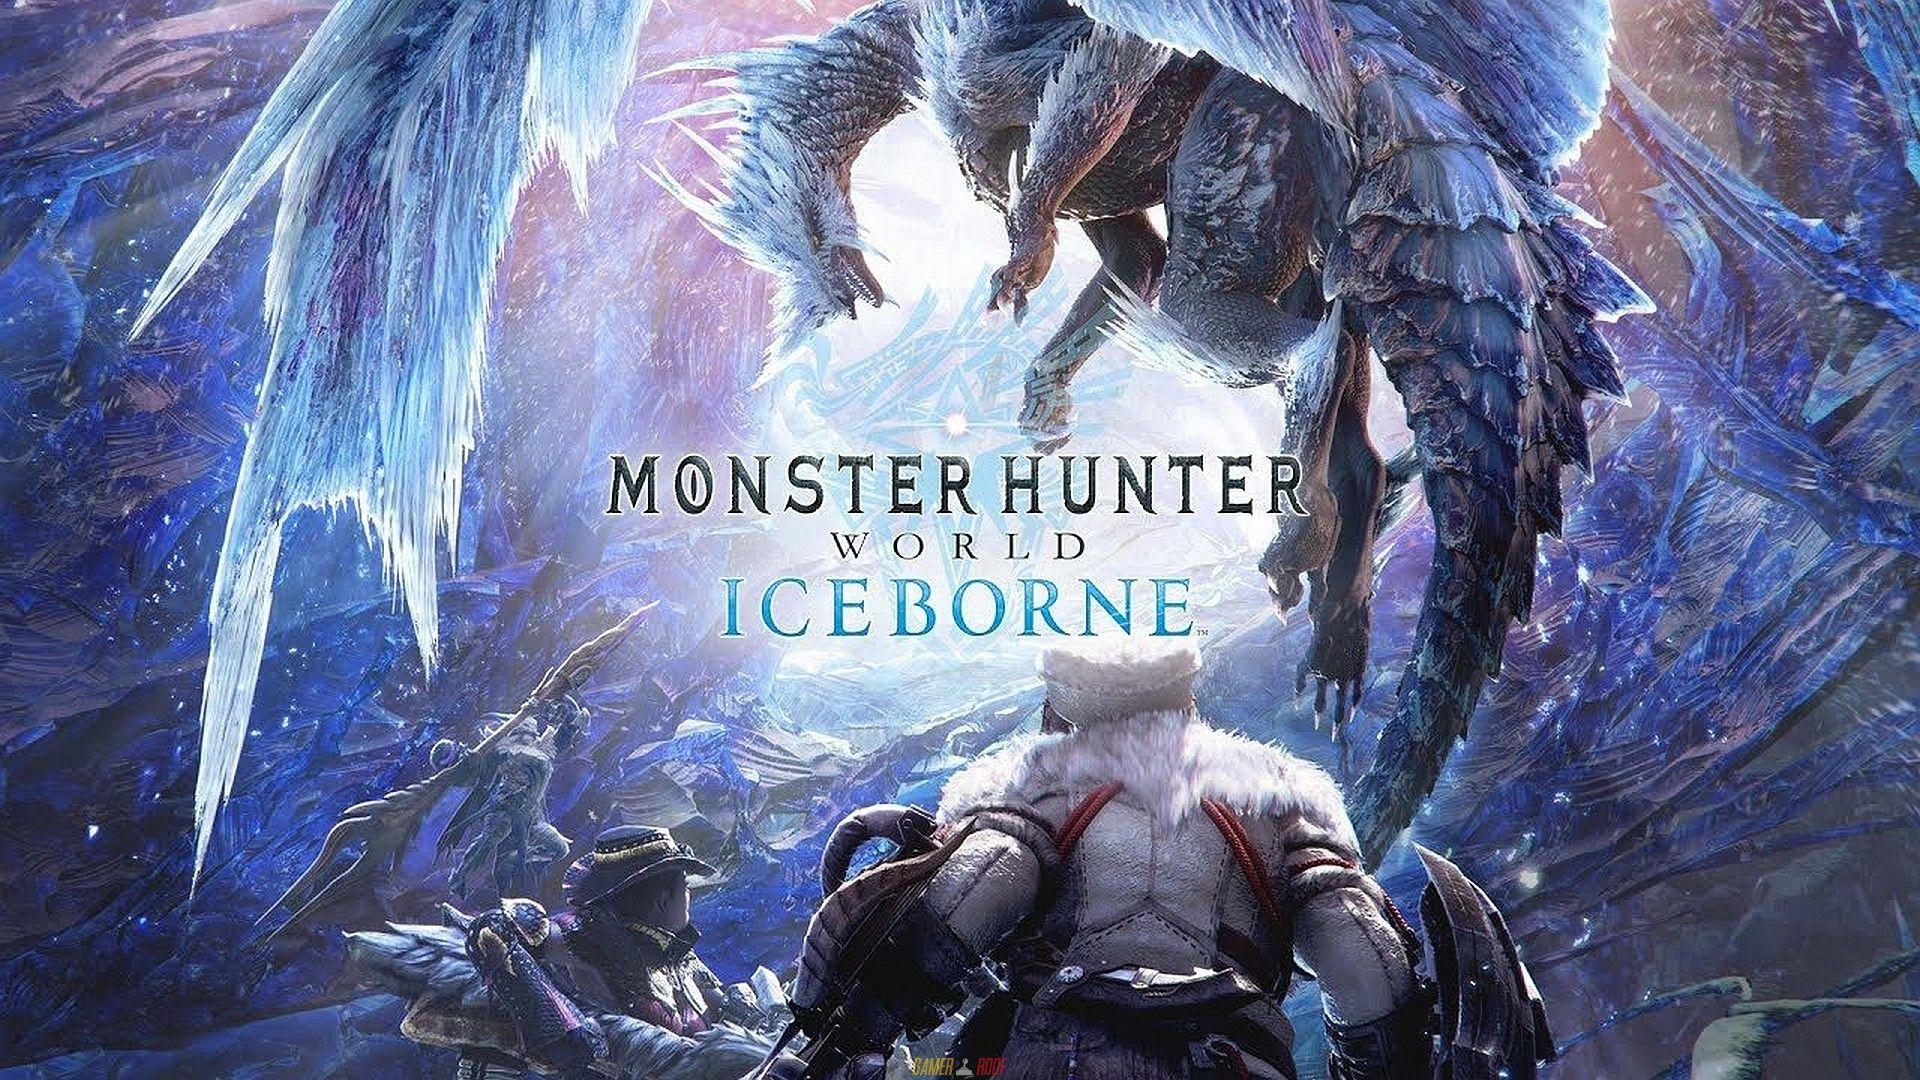 Monster Hunter World Iceborne DLC PS4 Version Full Free